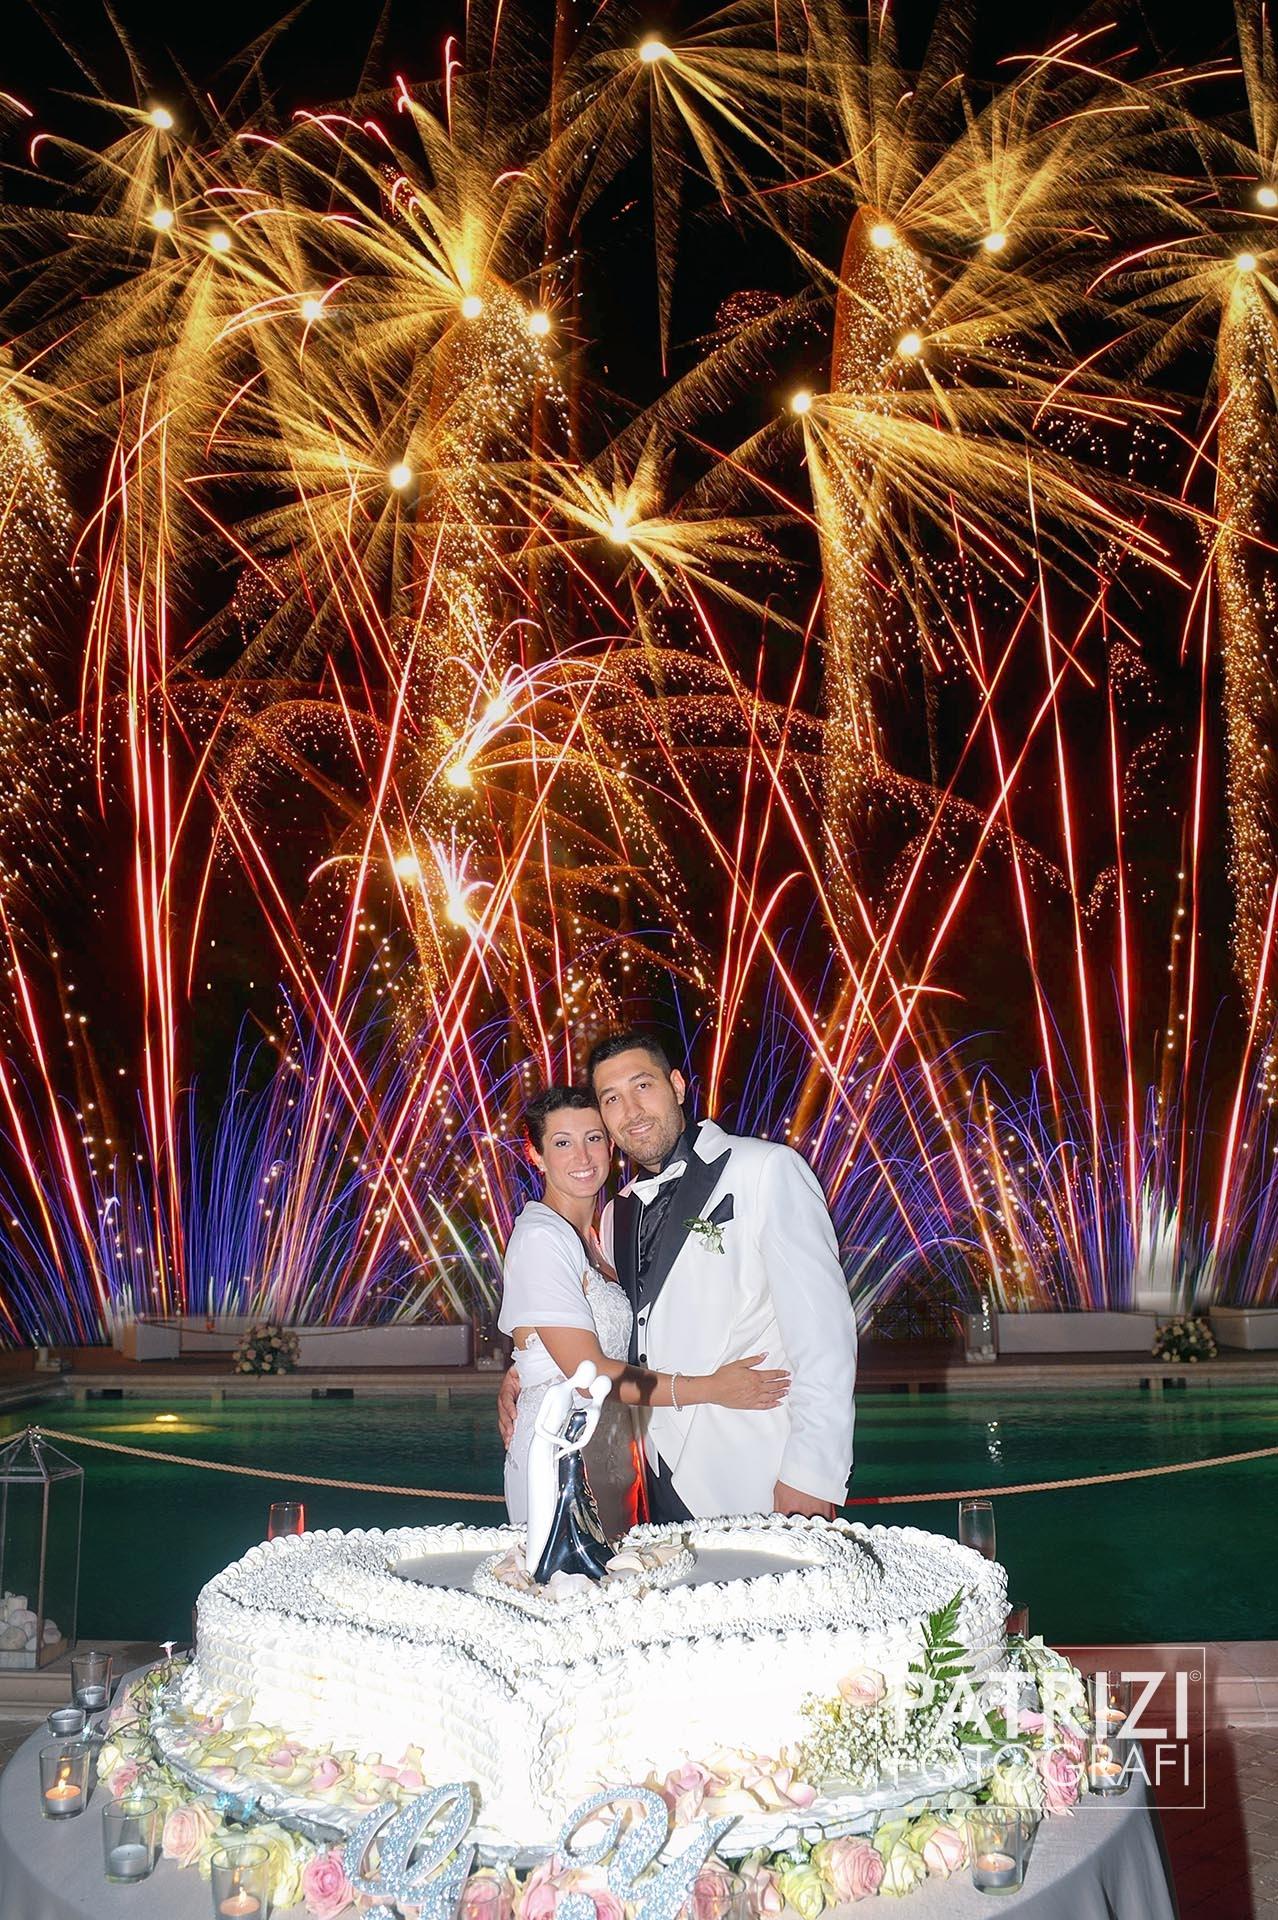 fotografo-matrimonio-roma-ostia- fiumicino-acilia-casal palocco-infernetto- dragona-patrizi-fotografi-roma 023